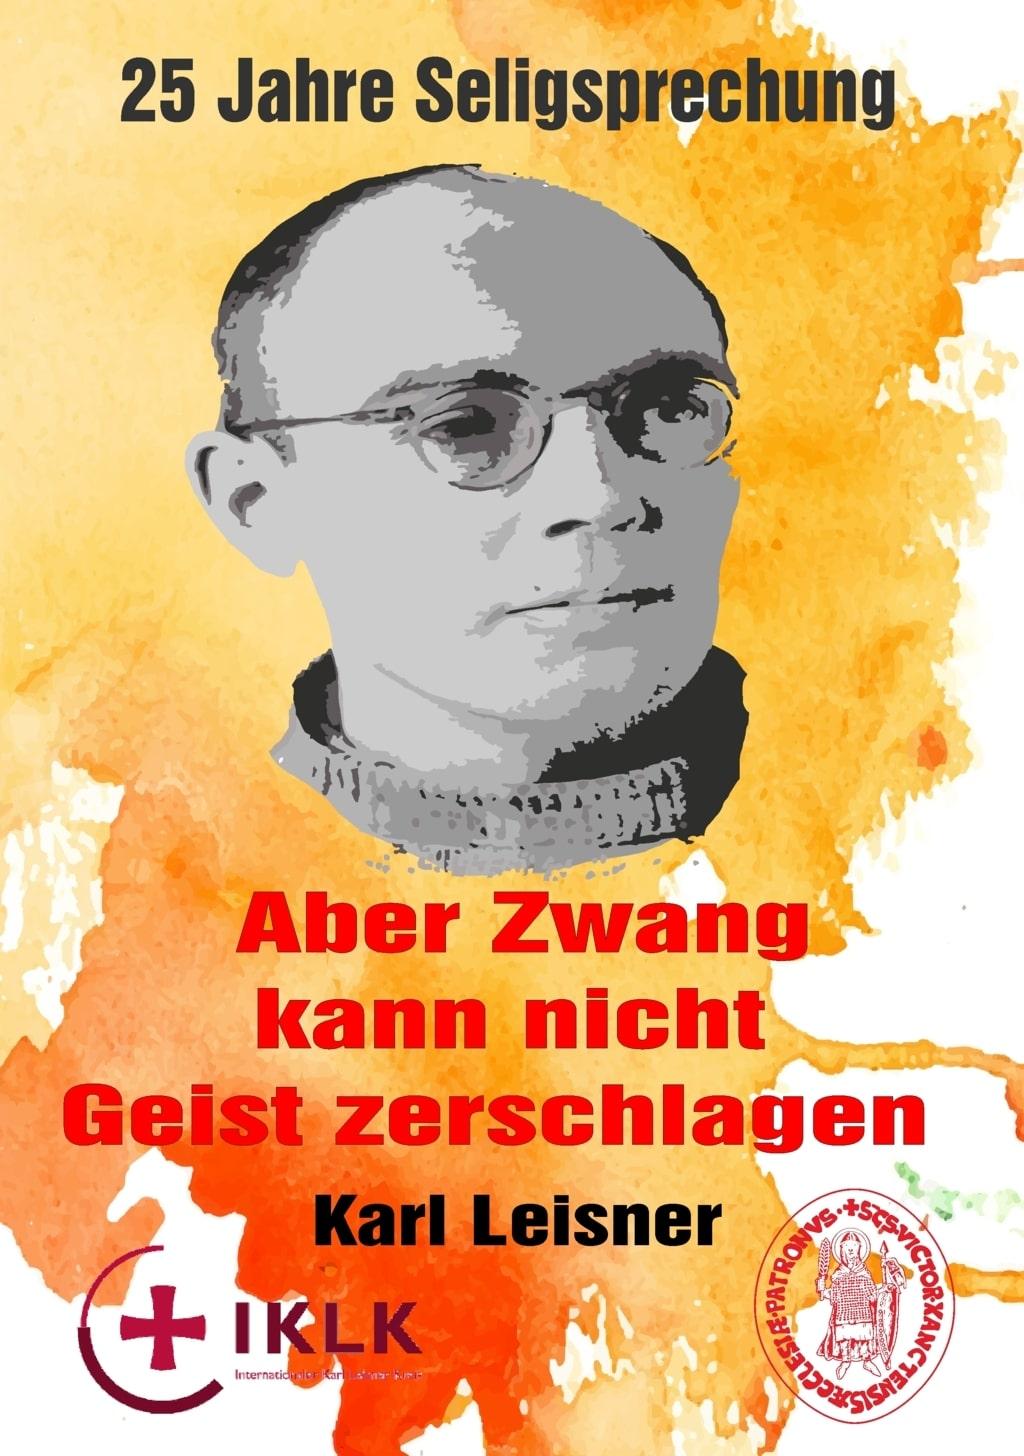 Leisner